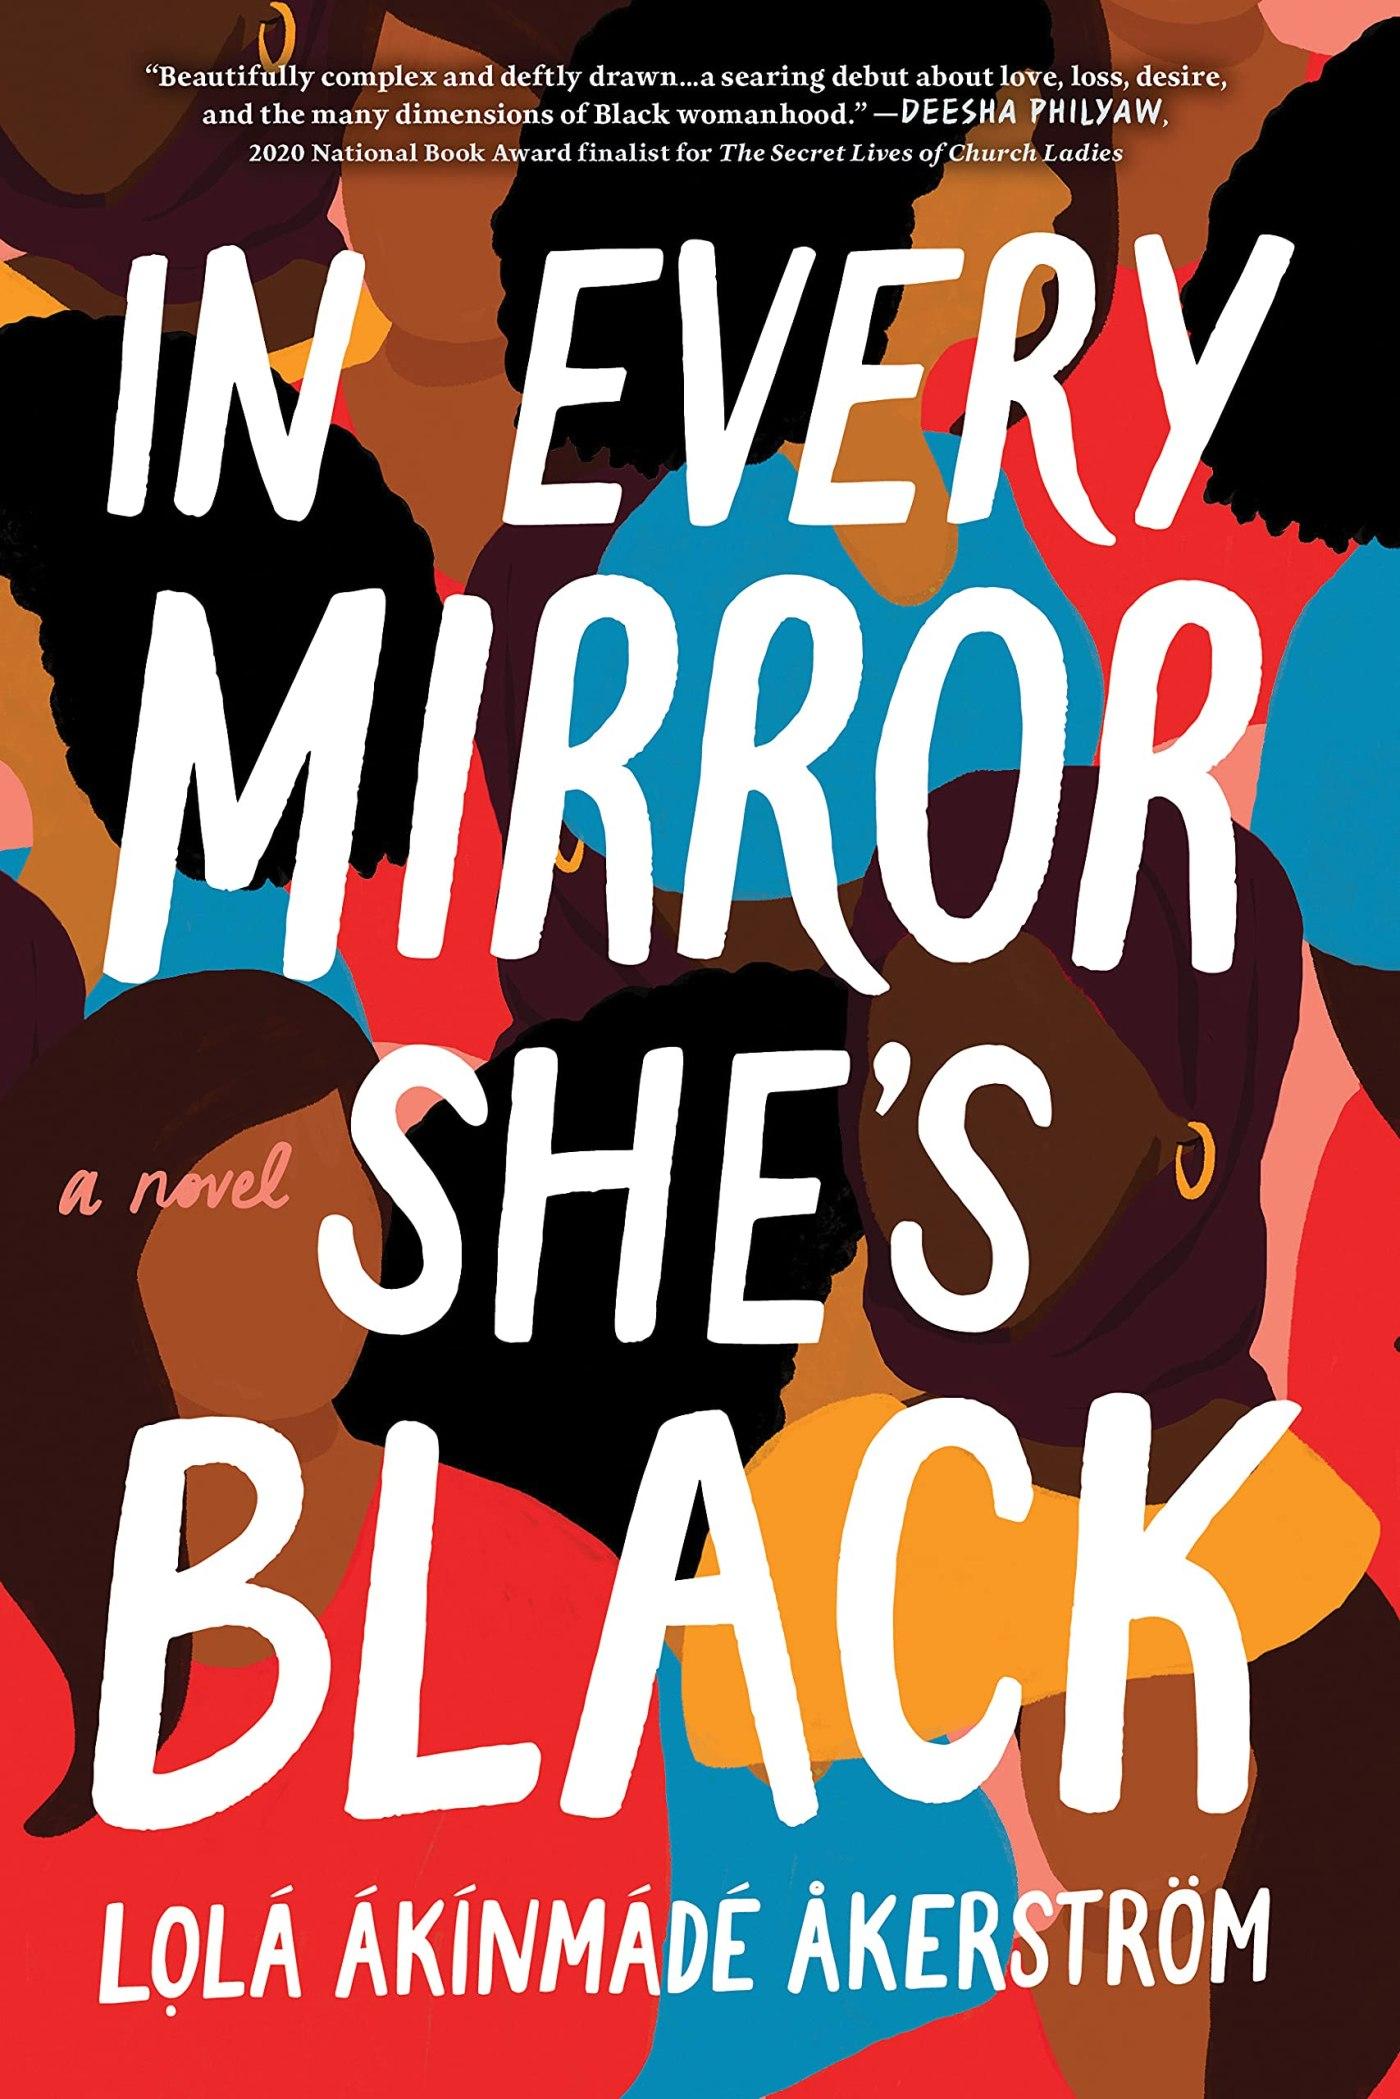 Lolá Ákínmádé Åkerström - In Every Mirror She's Black